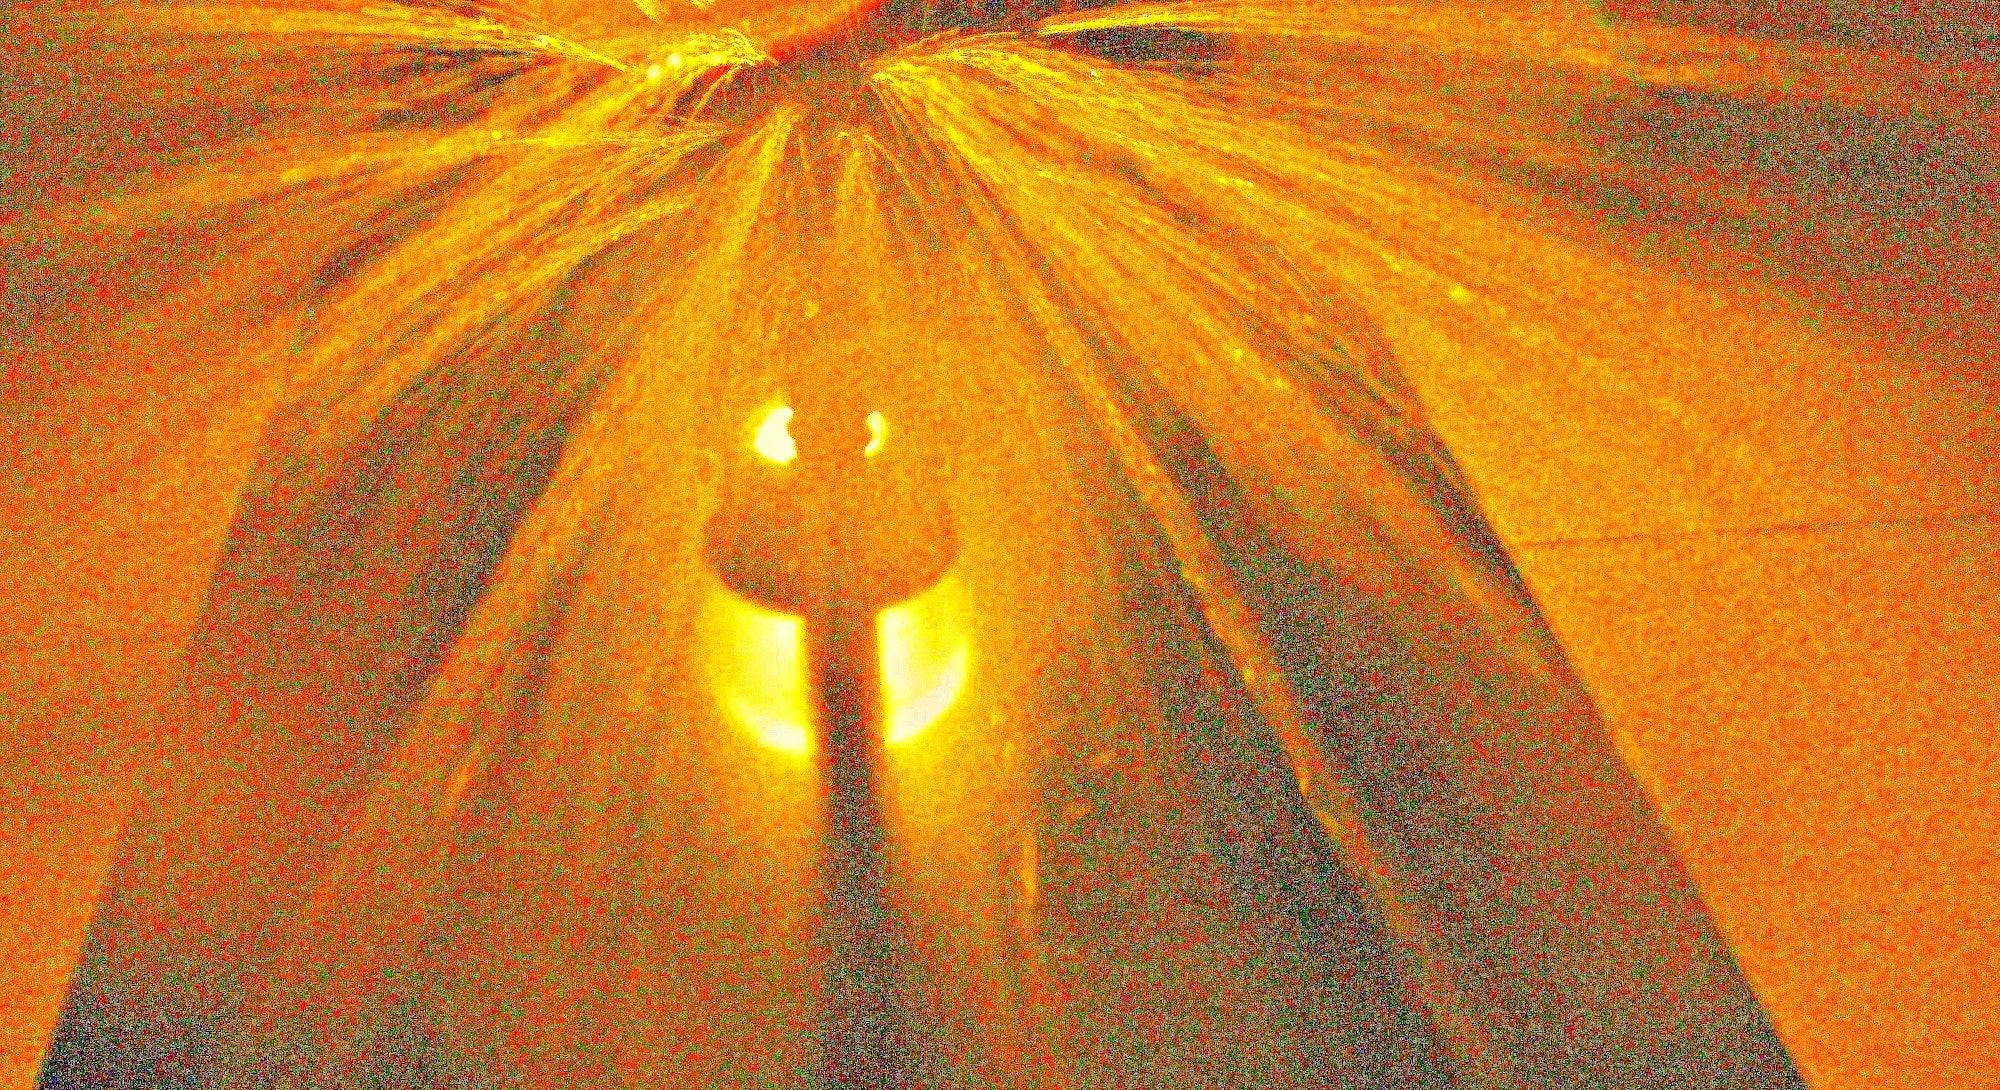 Golden Shower